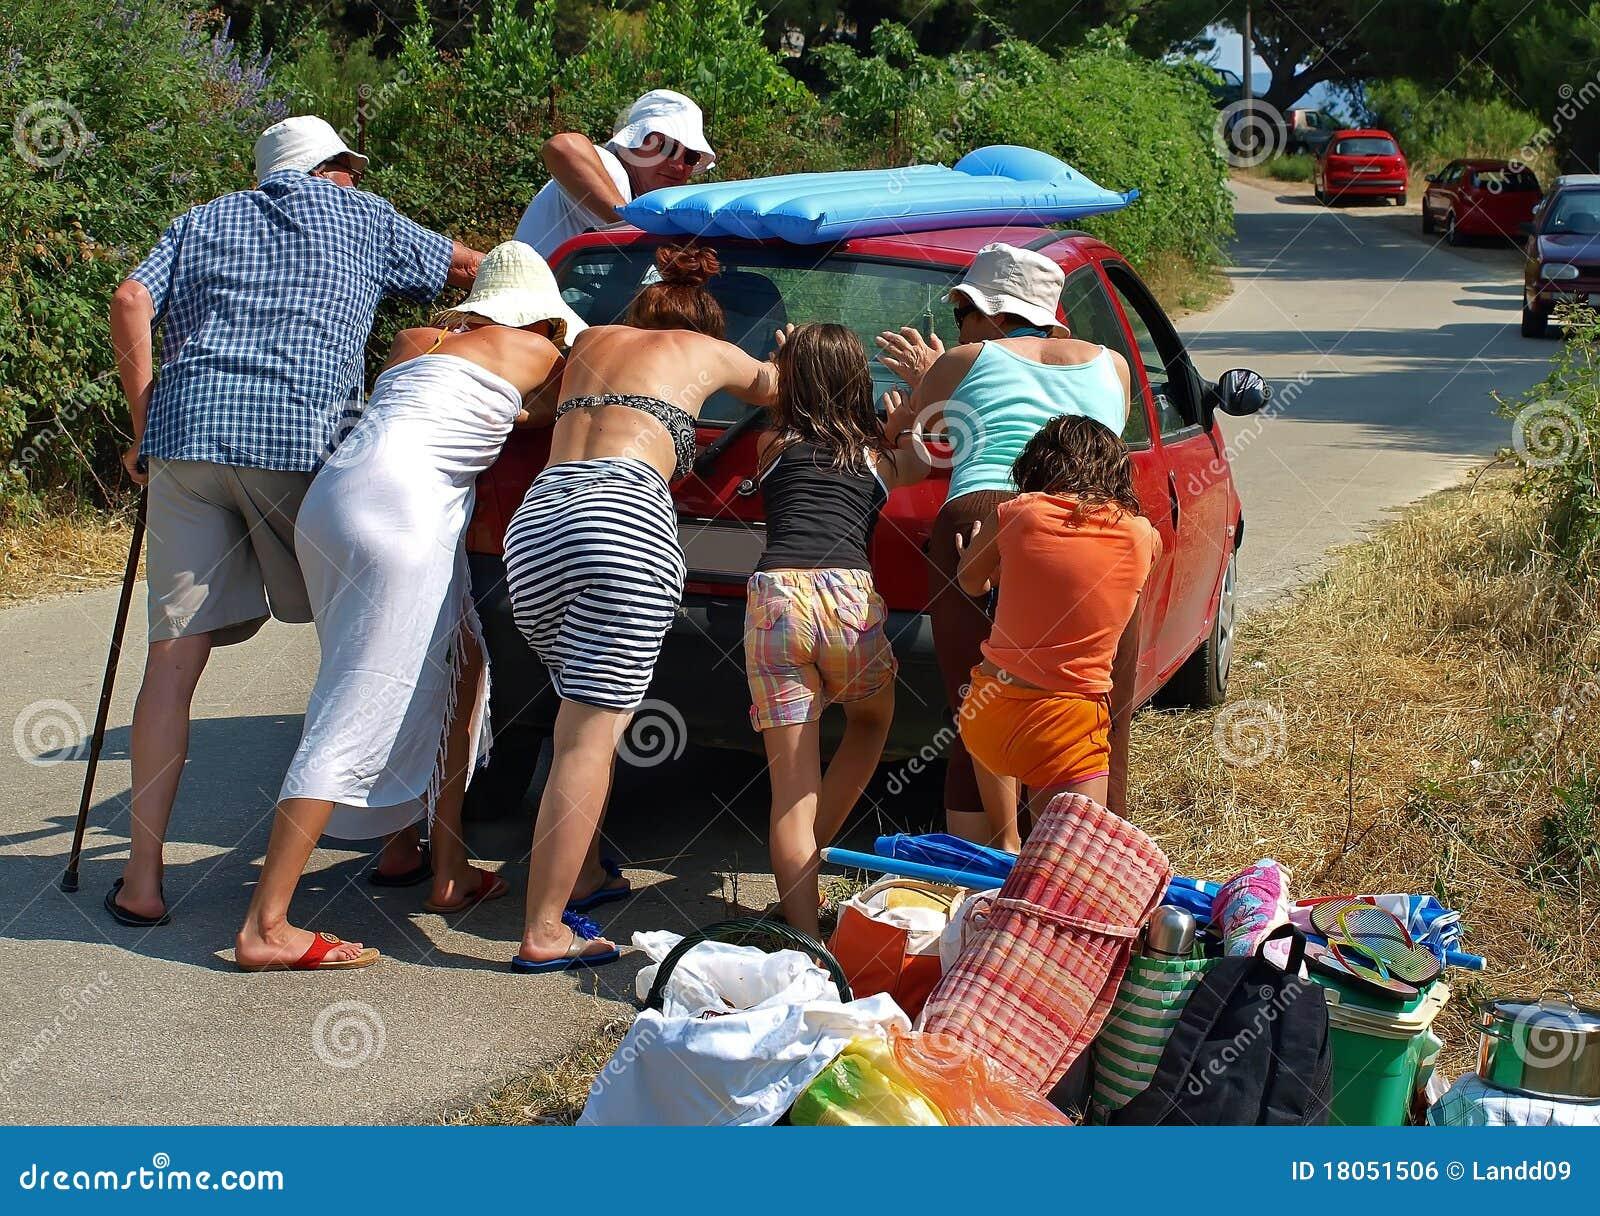 People pushing a car